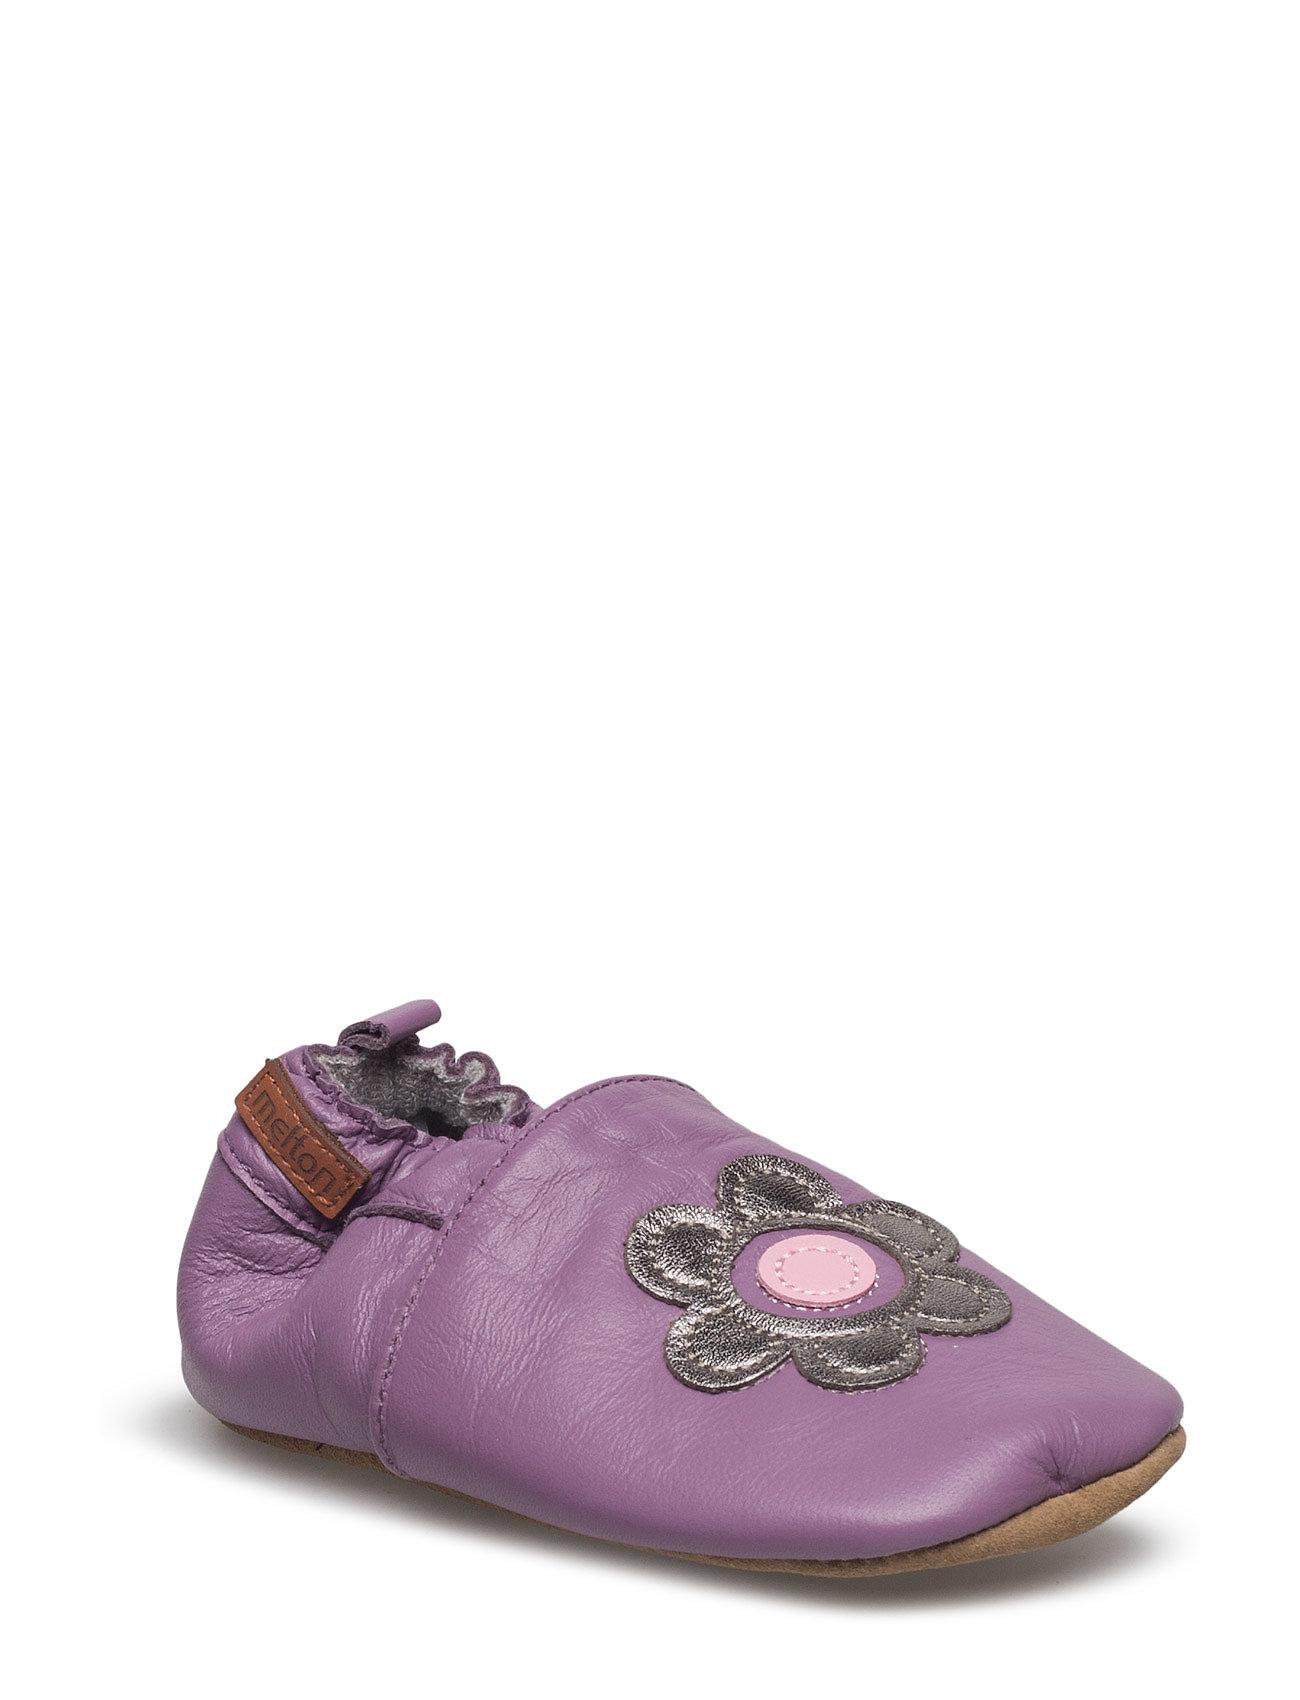 Leather Shoe - Flower Melton Hjemmesko til Børn i